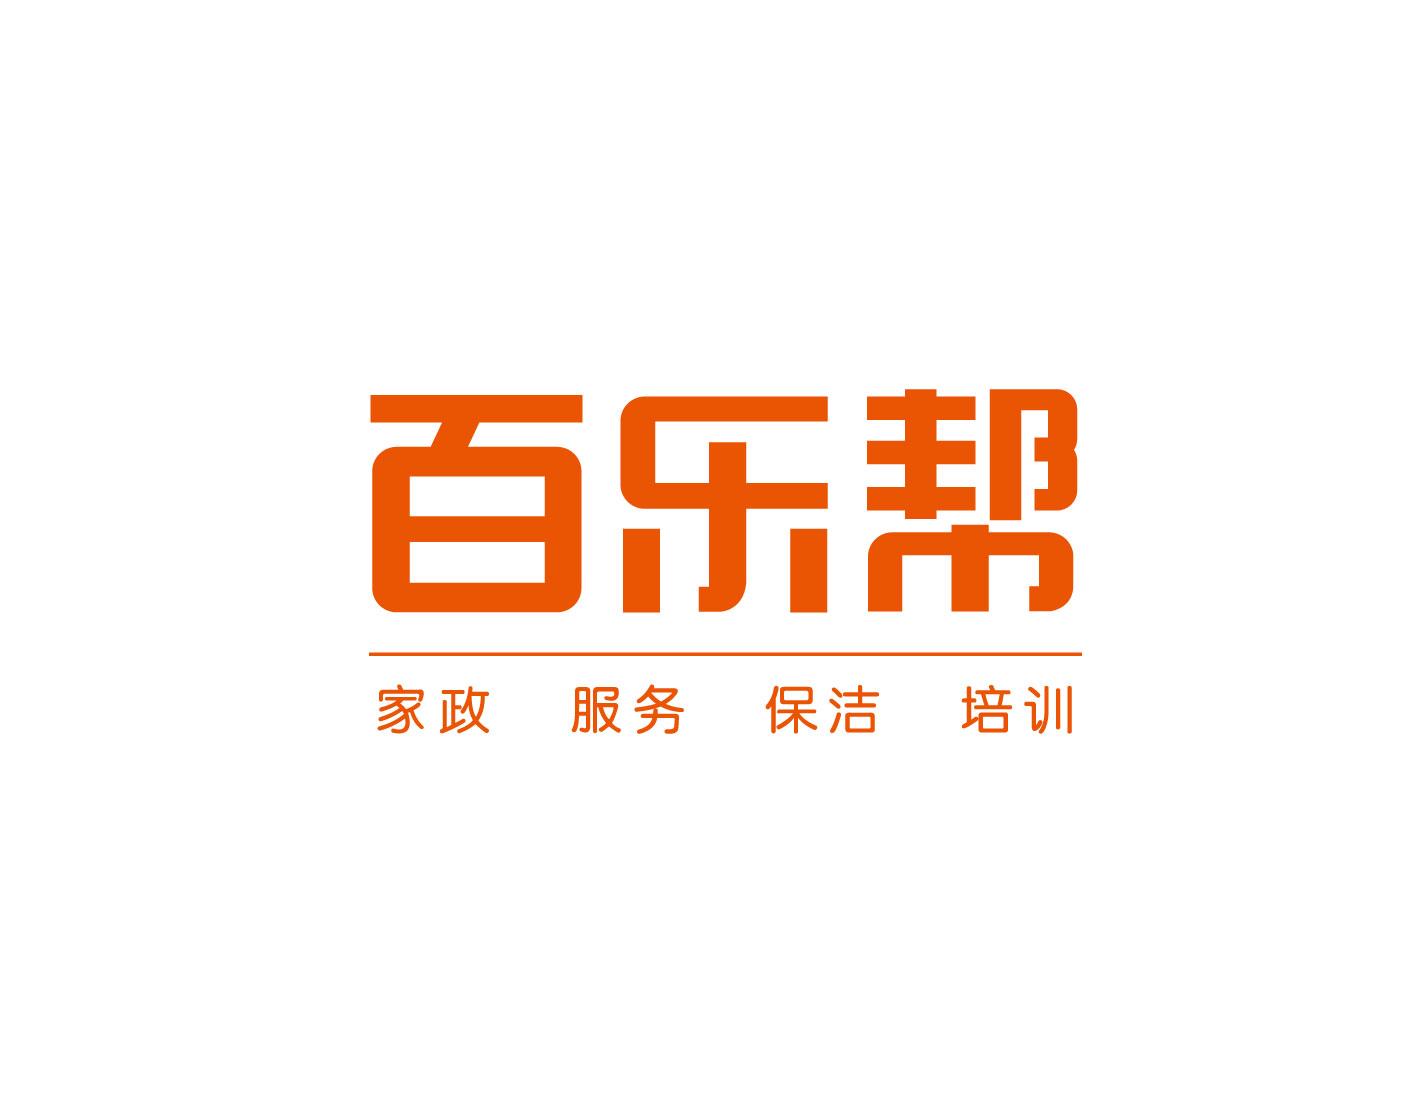 济南标志矢量图